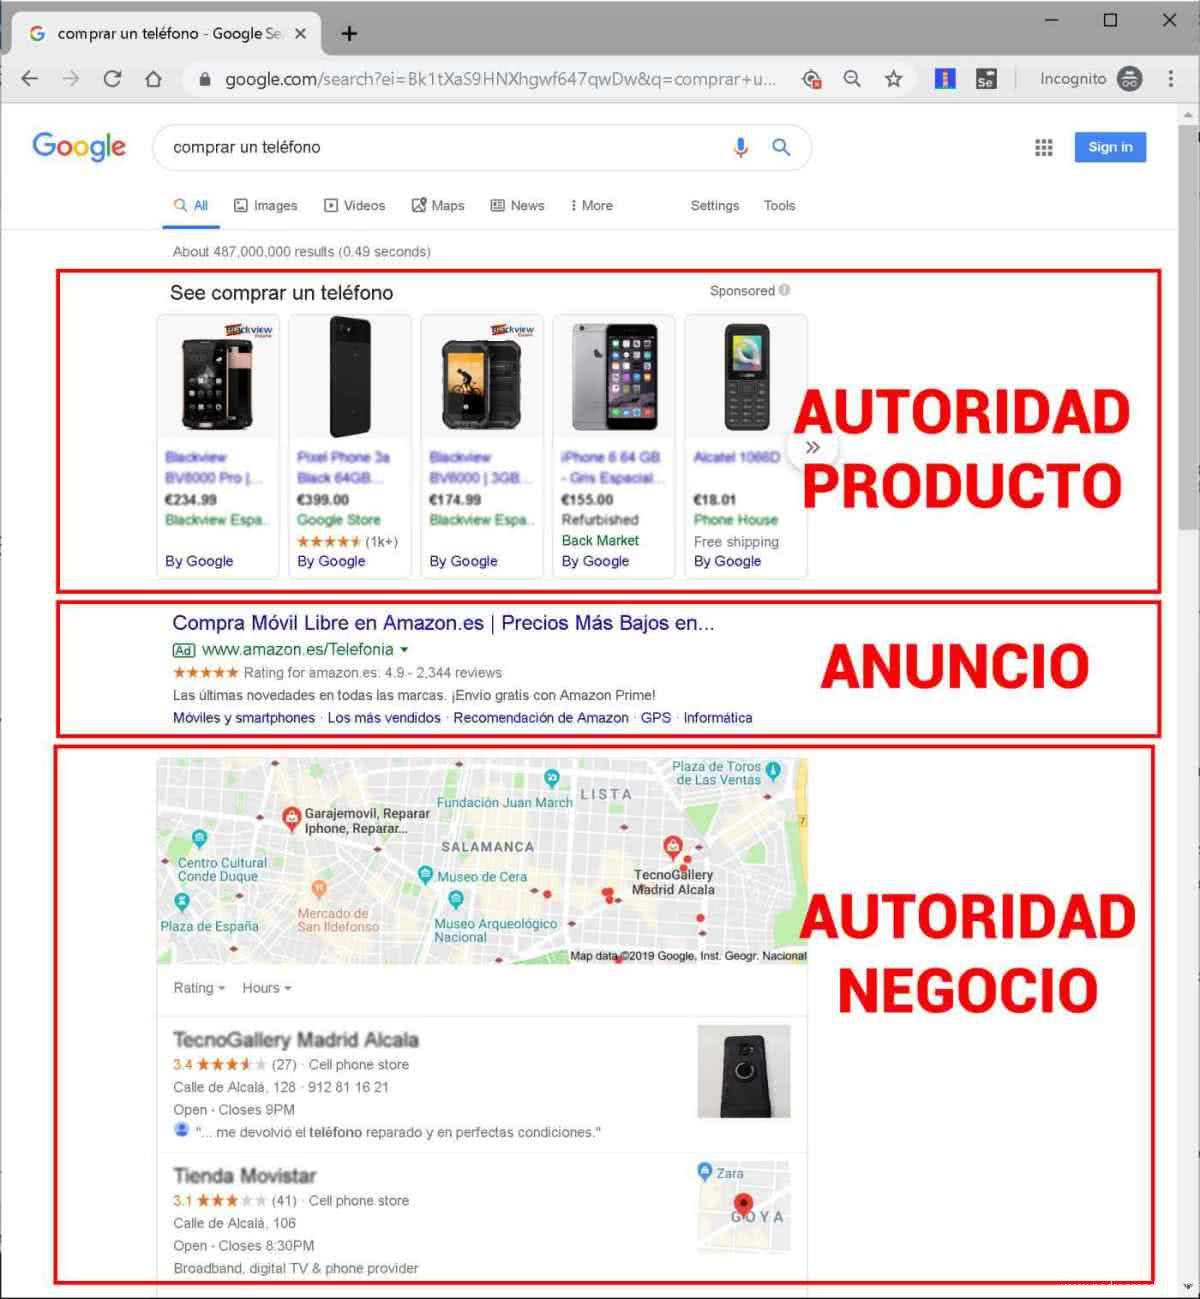 Ejemplo de autoridad en Google para Productos